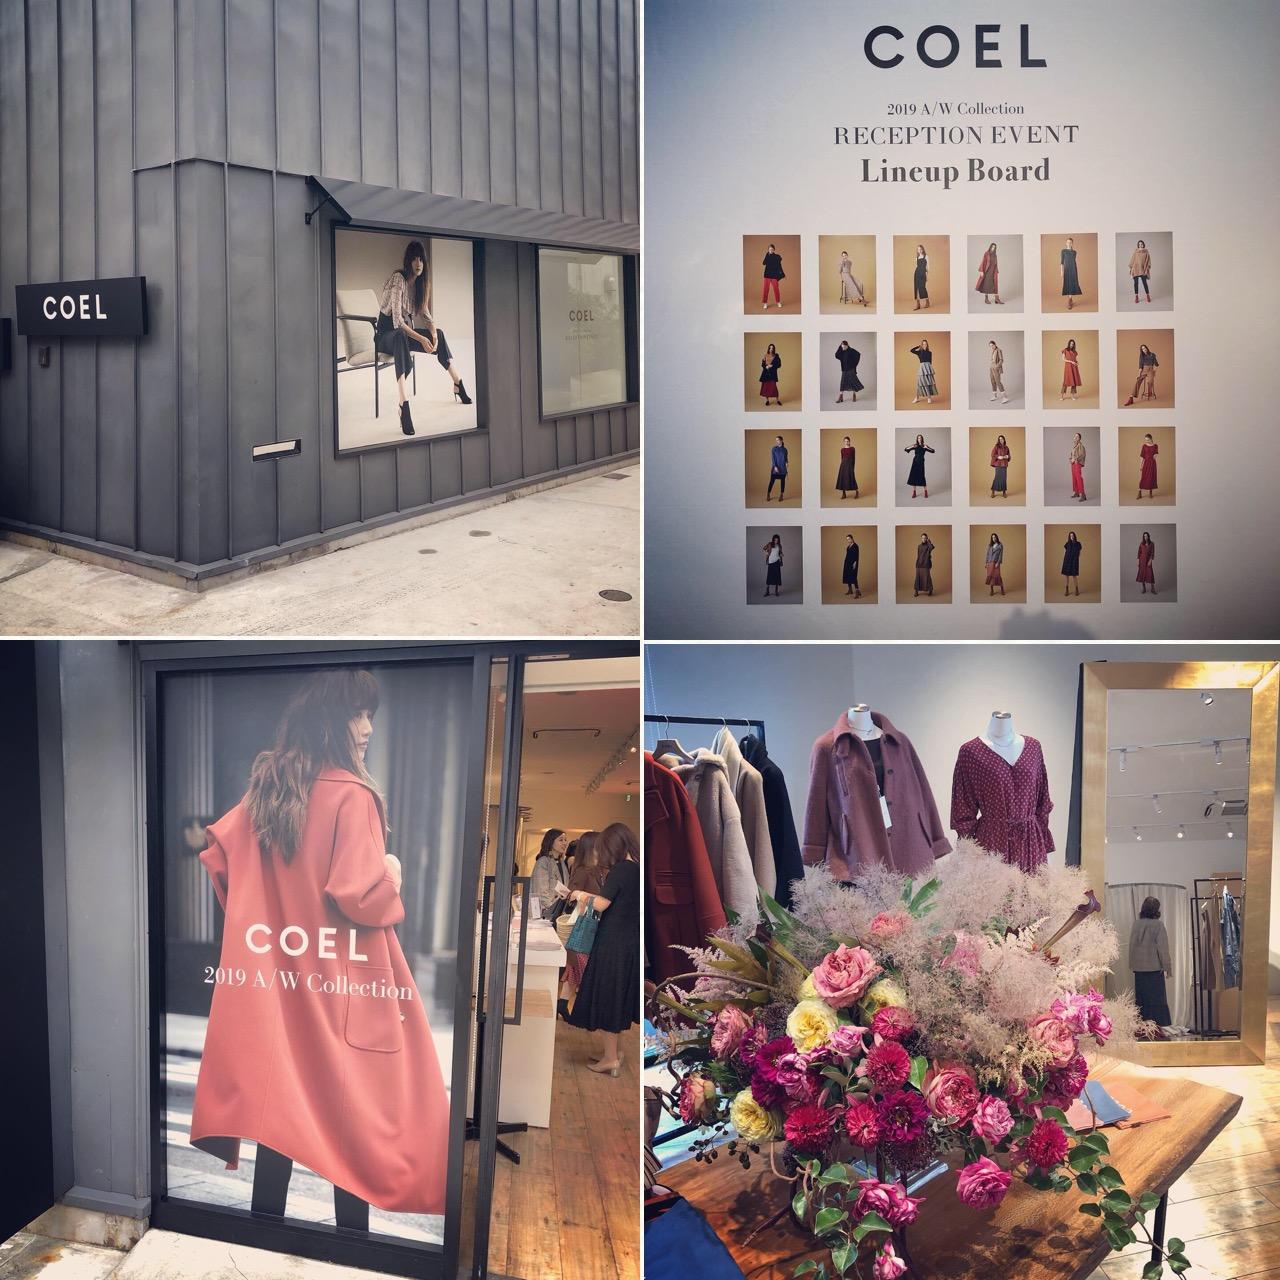 憧れのモデル*ヨンアちゃんディレクションブランド COEL 2019A/W レセプションイベントへ行ってきました♡_1